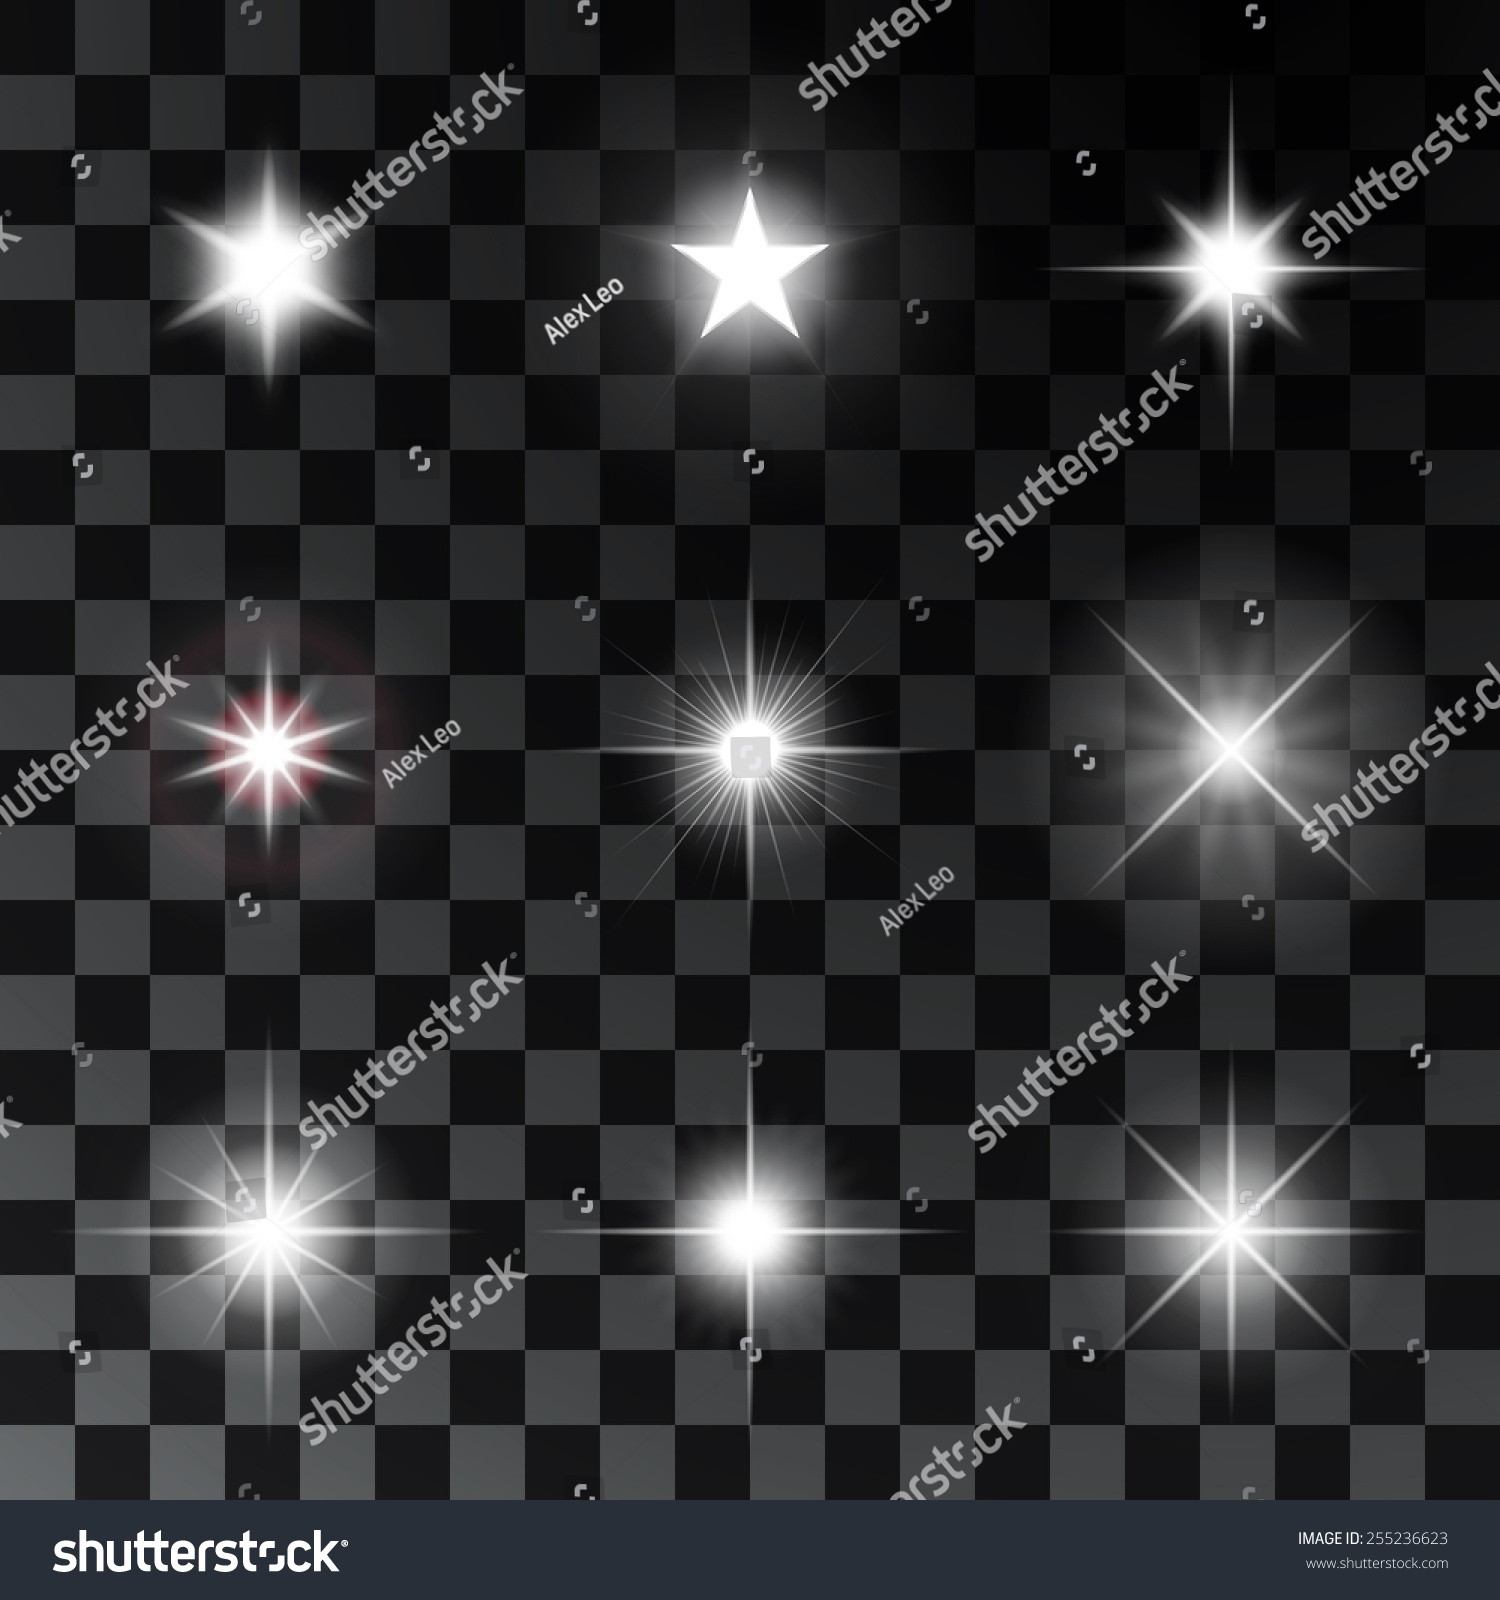 发光和闪闪发光的星星.矢量图